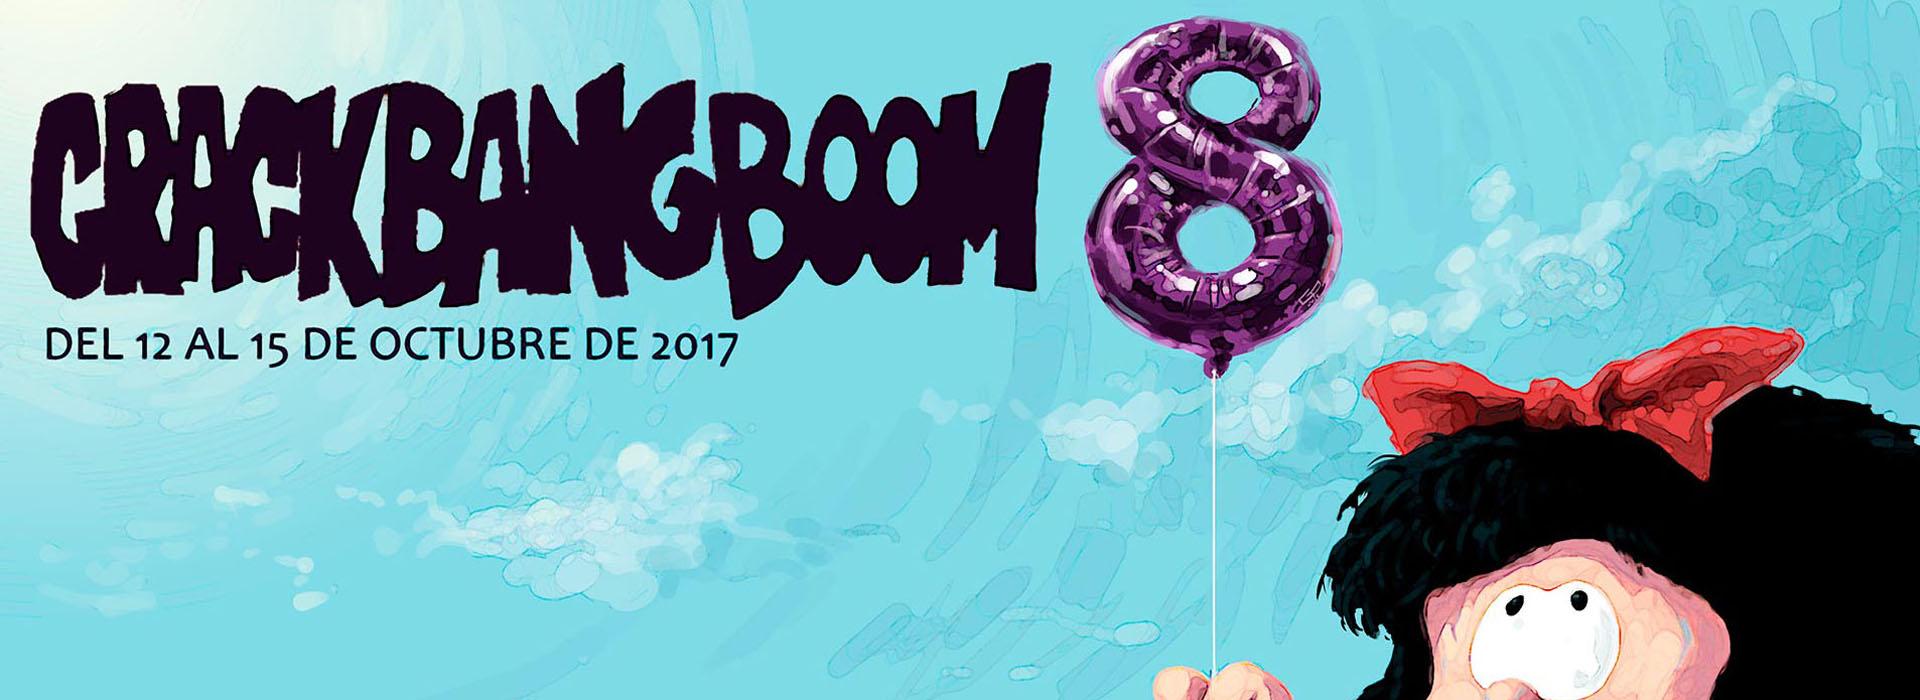 [Evento] Crack Bang Boom 8. Del 12 al 15 de Octubre de 2017 Banner-home